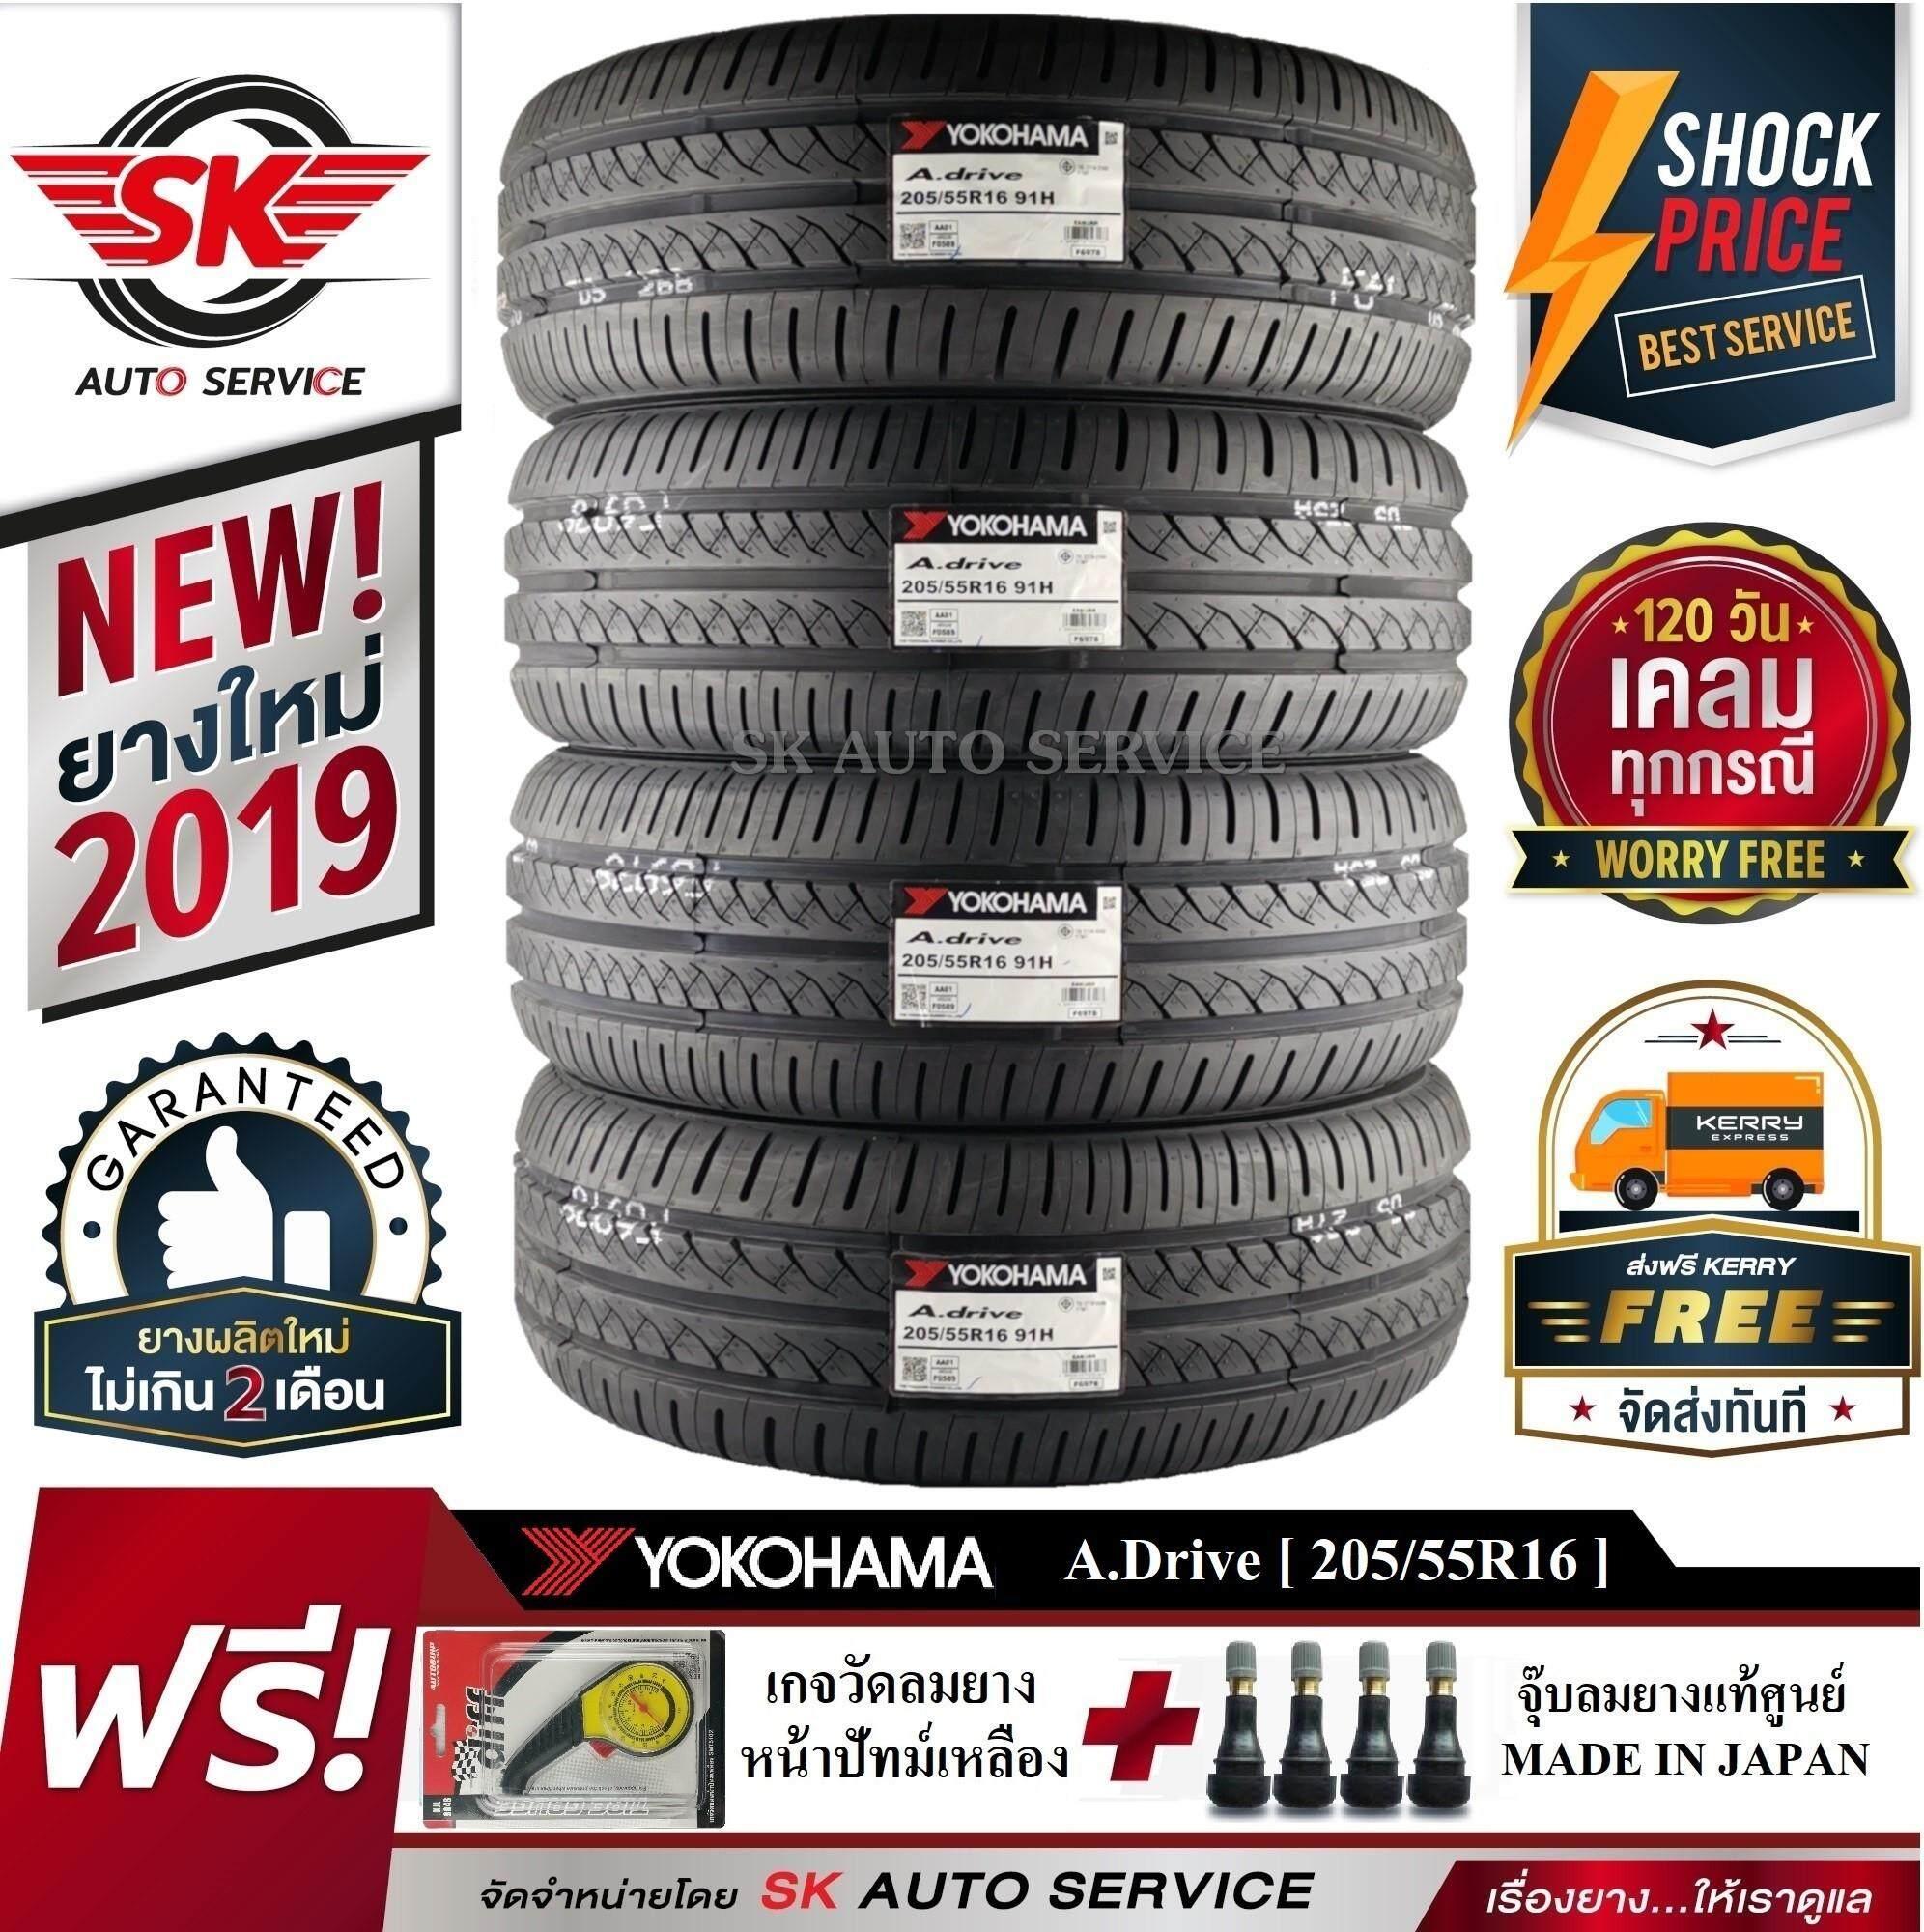 ประกันภัย รถยนต์ 3 พลัส ราคา ถูก สตูล YOKOHAMA ยางรถยนต์ 205/55R16 (ล้อขอบ16) รุ่น A.drive AA01 4 เส้น(ยางใหม่กริ๊ปปี 2019)